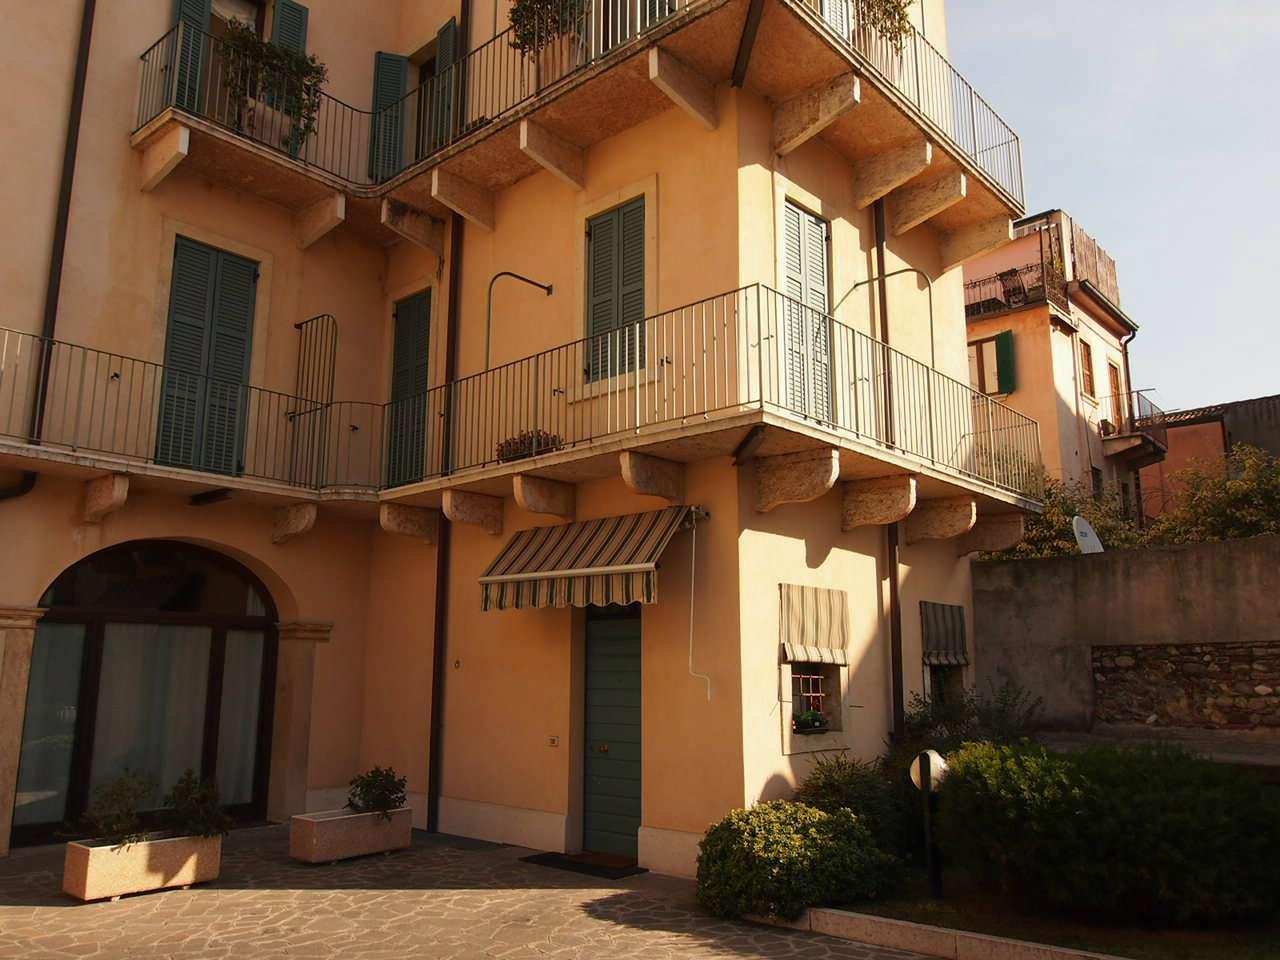 Appartamento in affitto a Verona, 2 locali, zona Zona: 2 . Veronetta, prezzo € 600 | CambioCasa.it